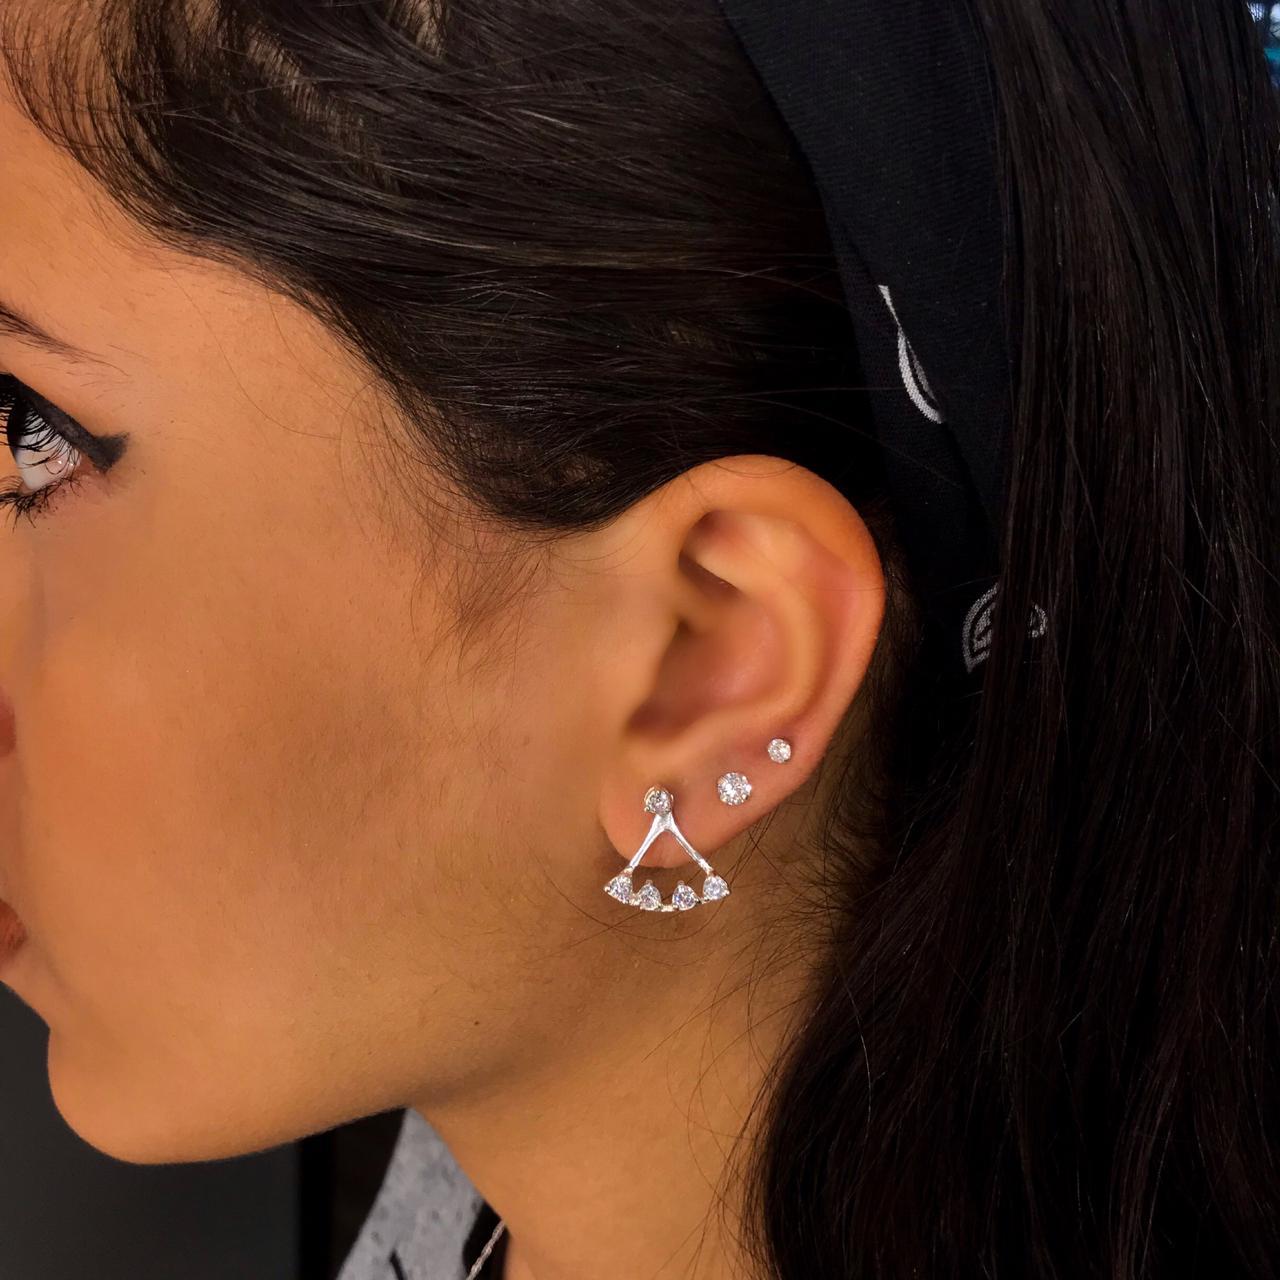 Brinco de Prata Ear Jacket com Zircônias